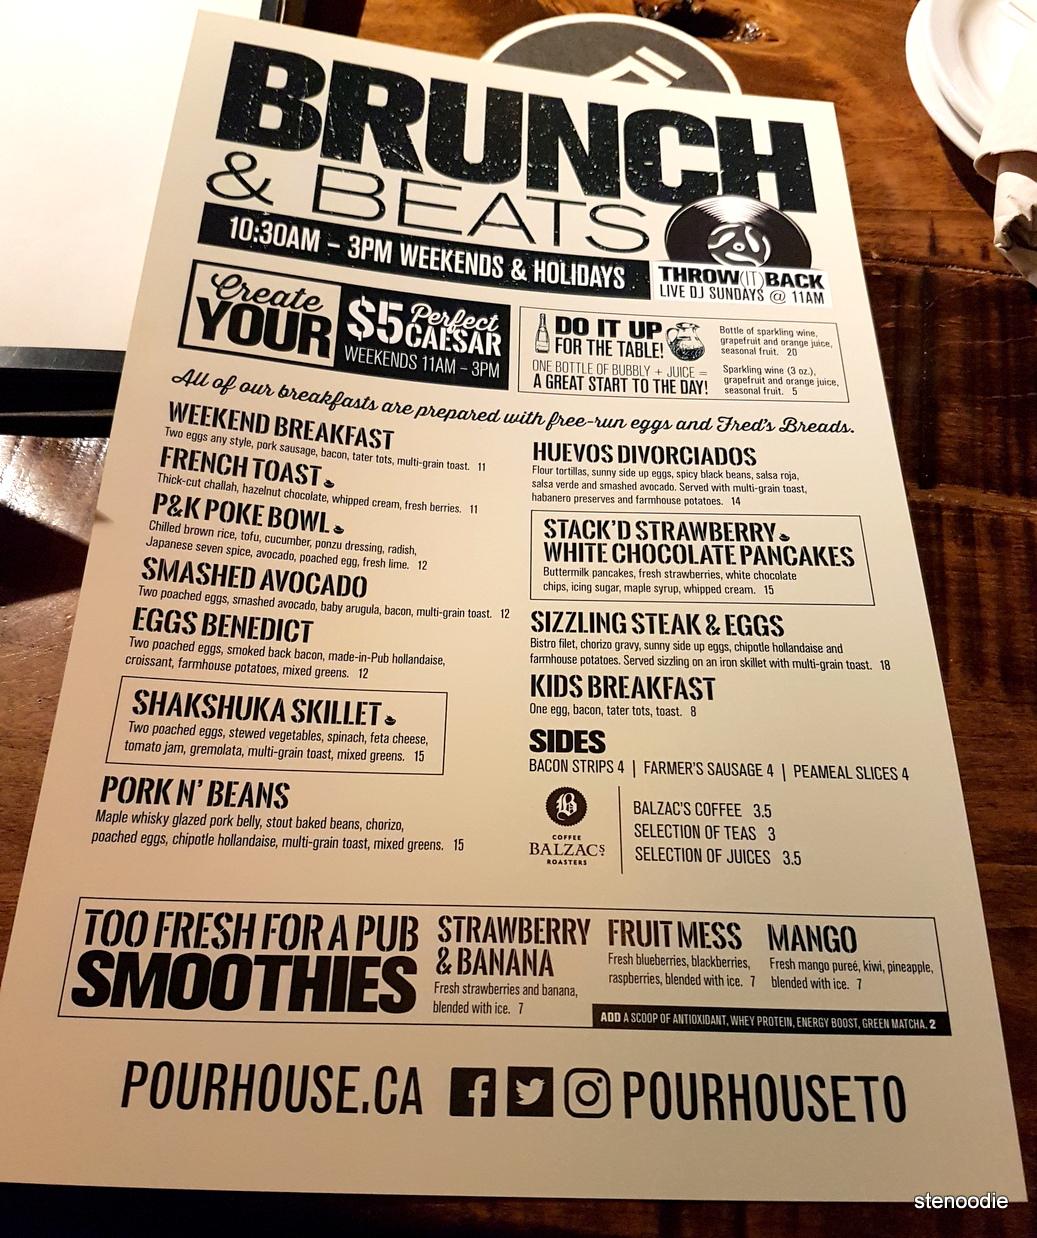 Pour House Pub and Kitchen brunch menu